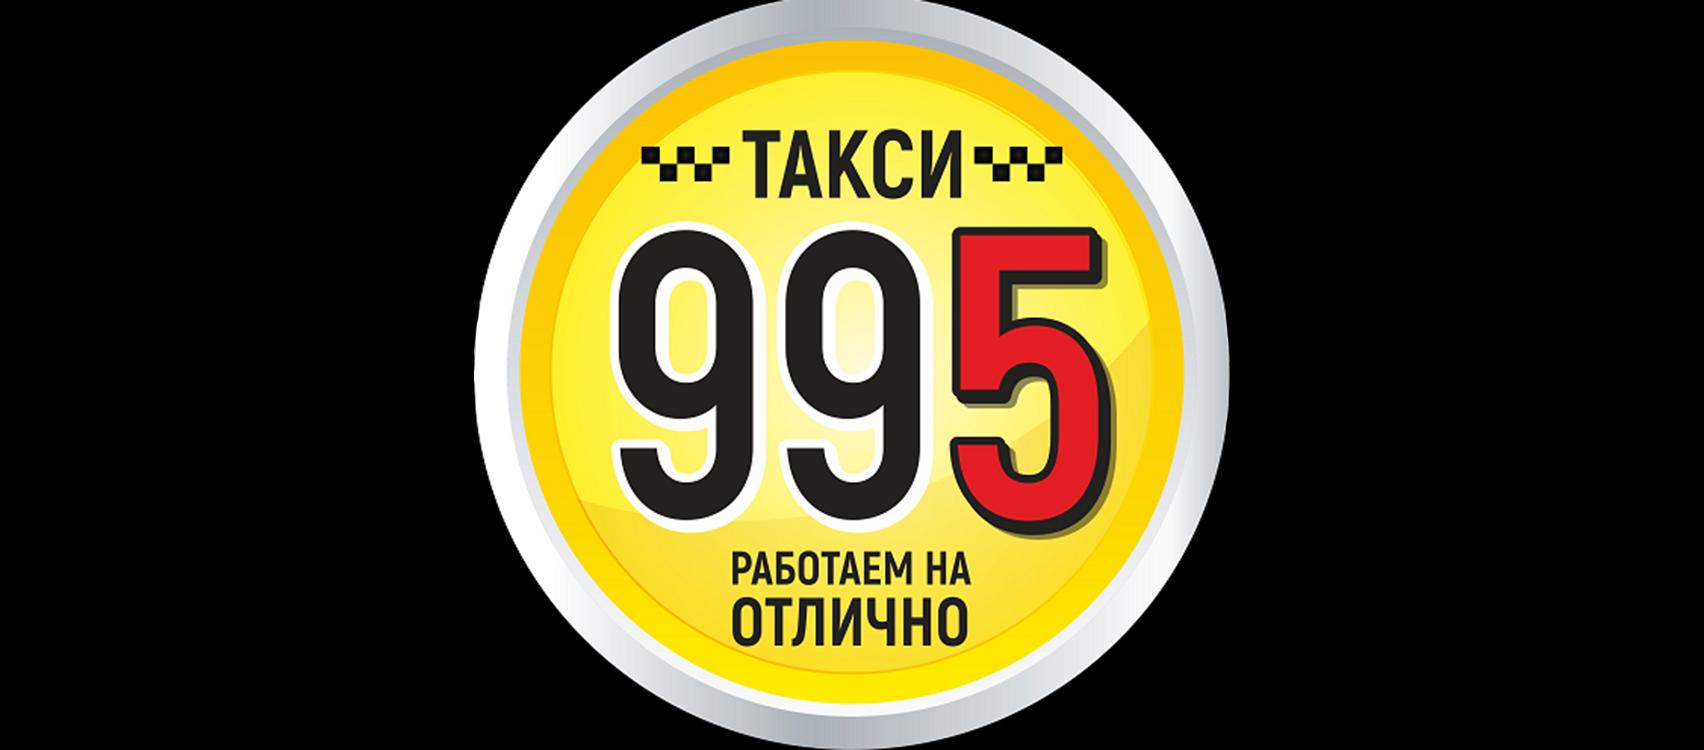 Таксі 995  (Миколаїв)